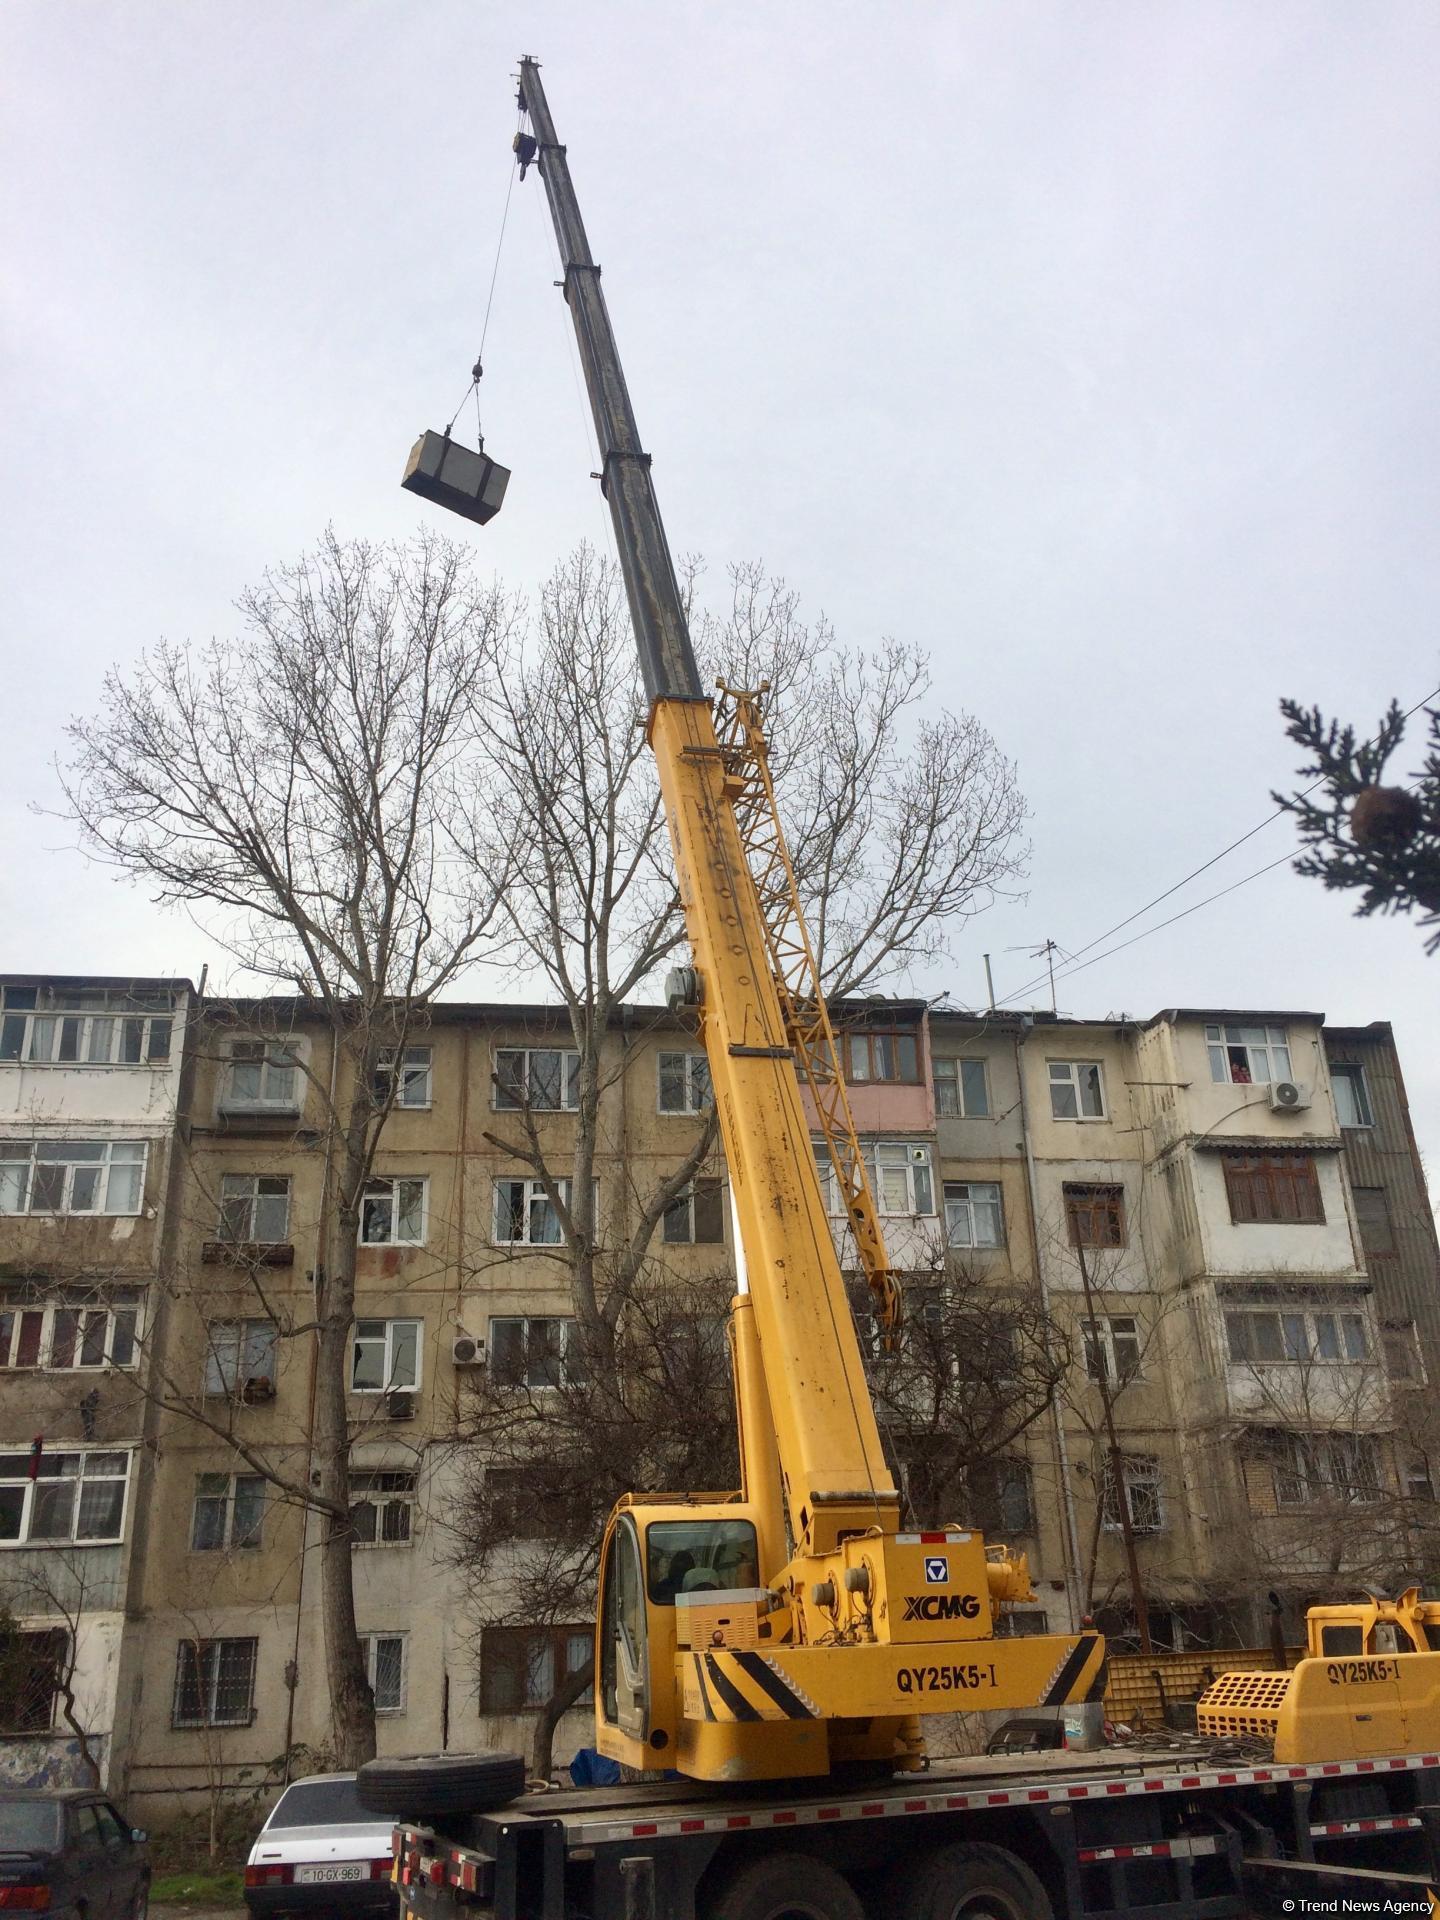 Bakıda binaların üstündəki su çənləri götürülür - SƏBƏBİ? (FOTO) - Gallery Image